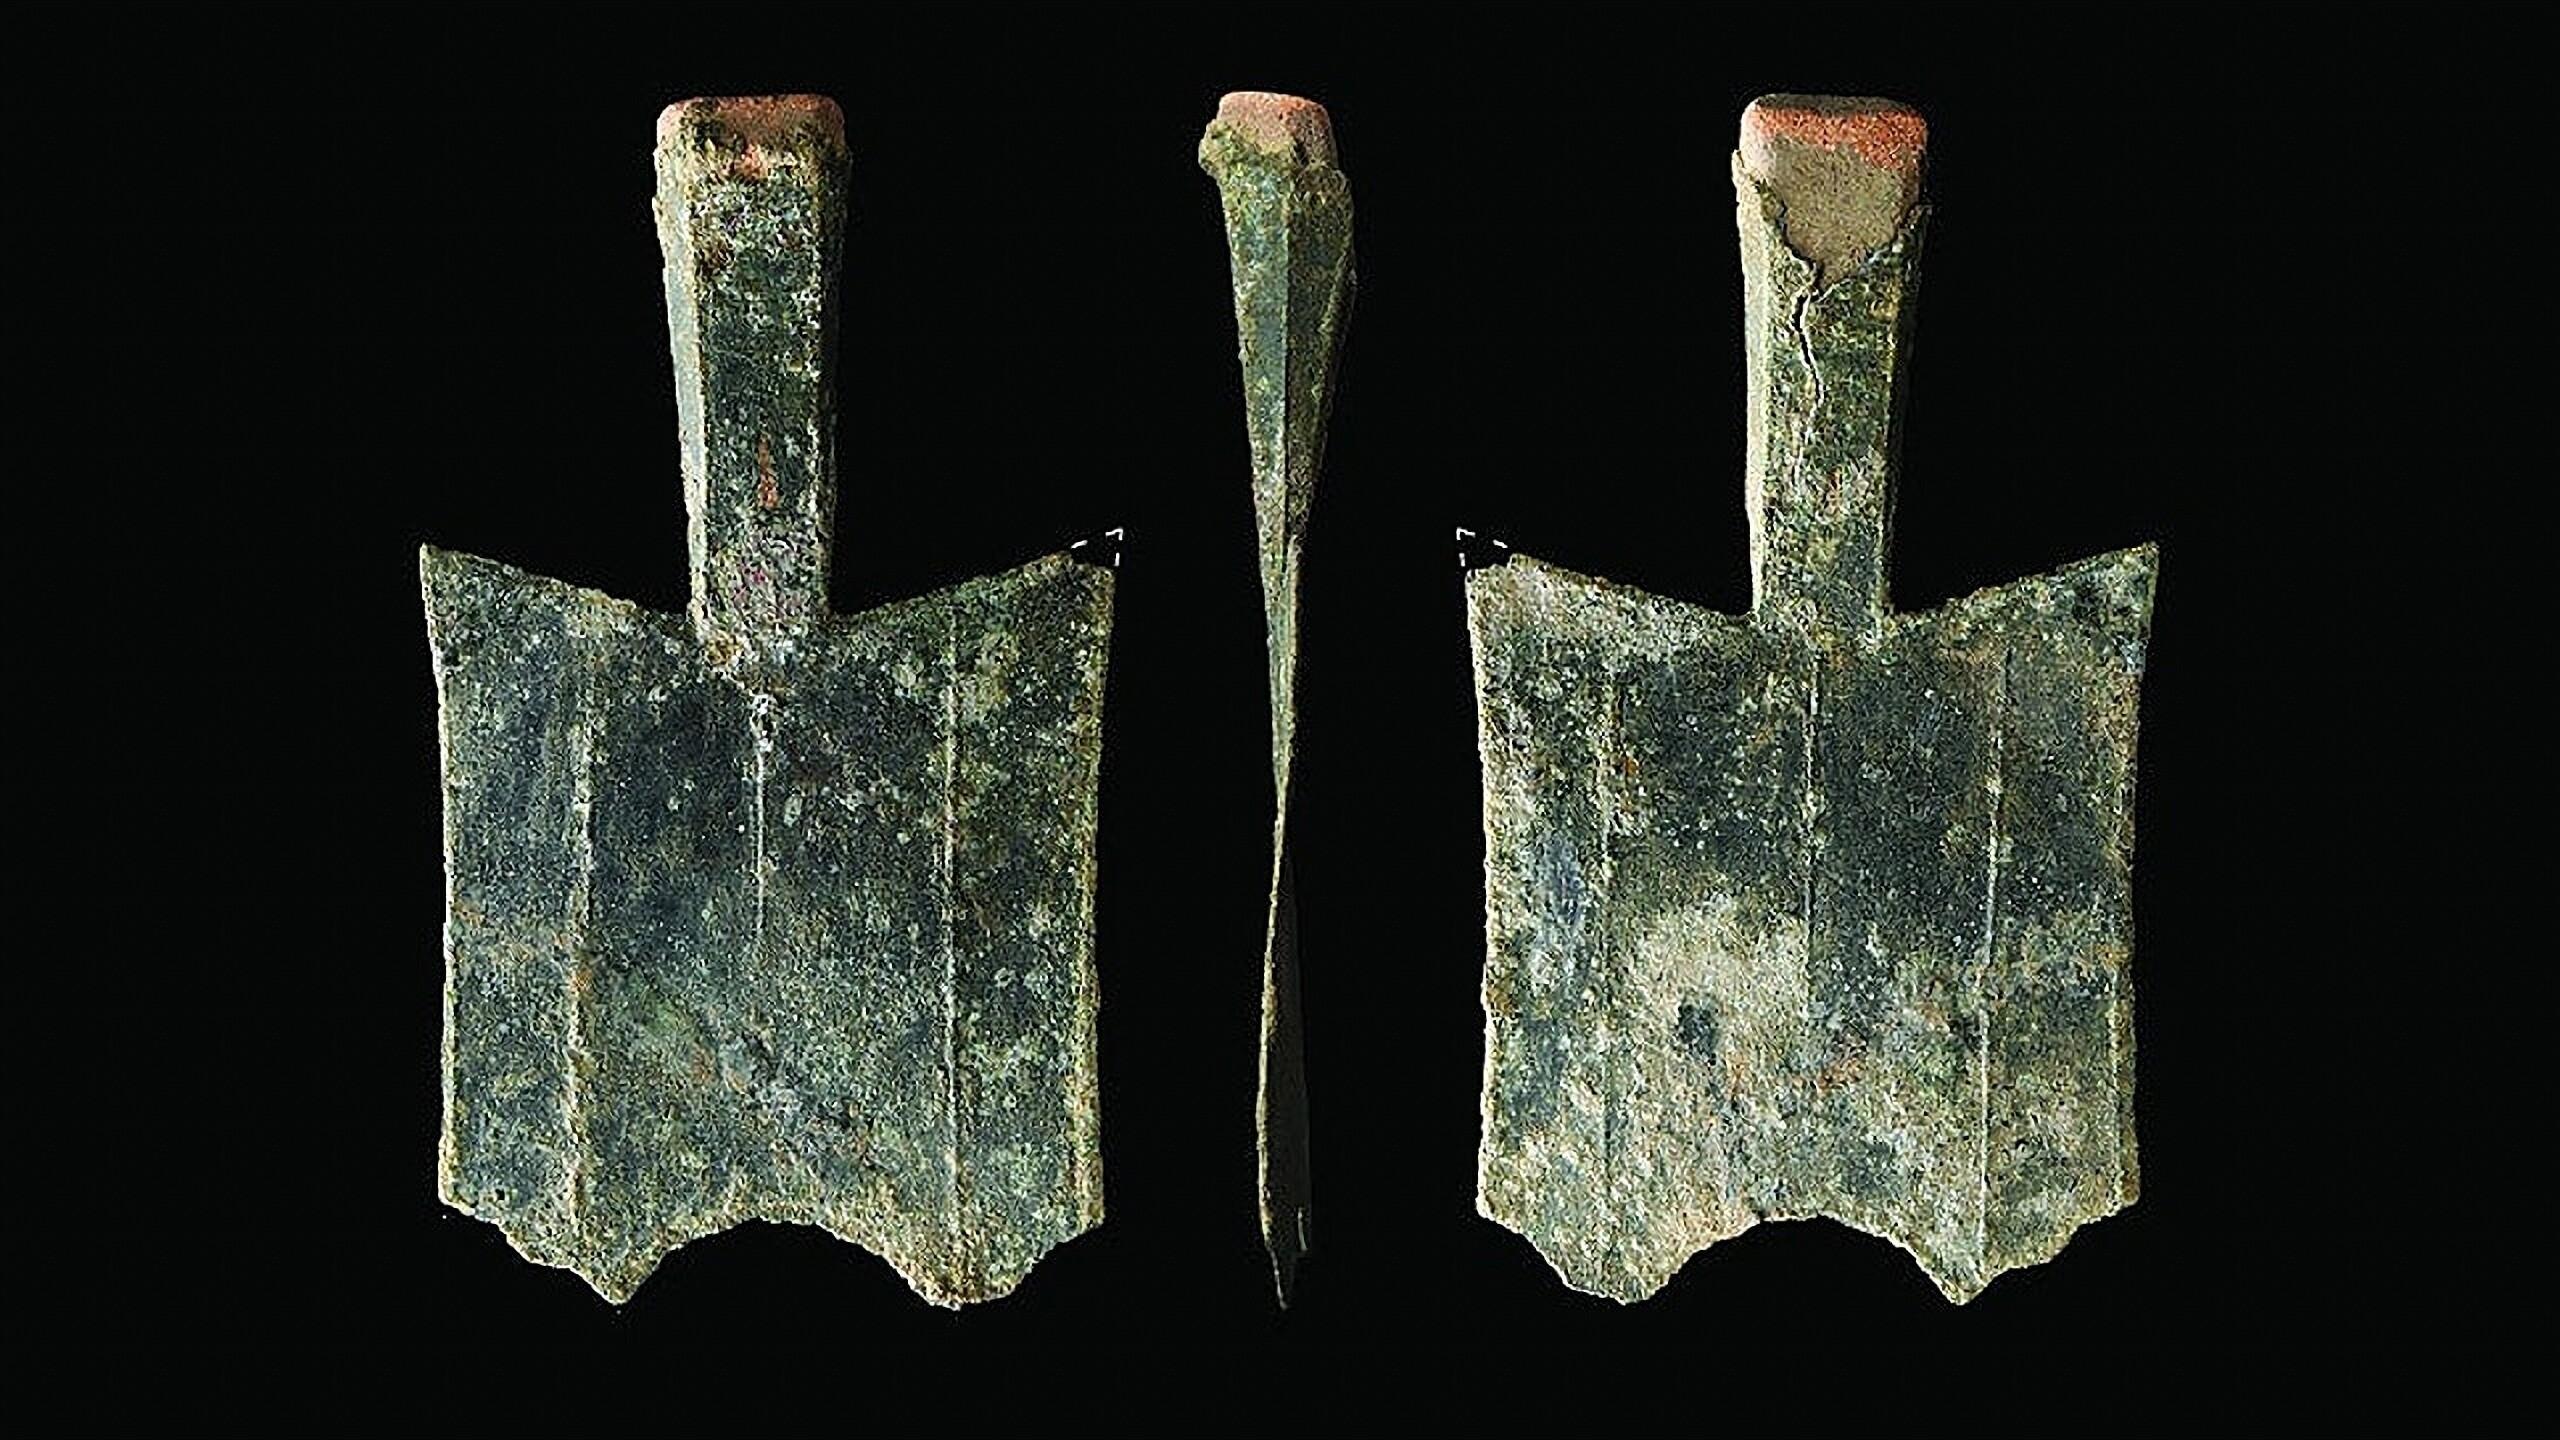 Китайские археологи обнаружили самые древние в мире монеты. Исследование